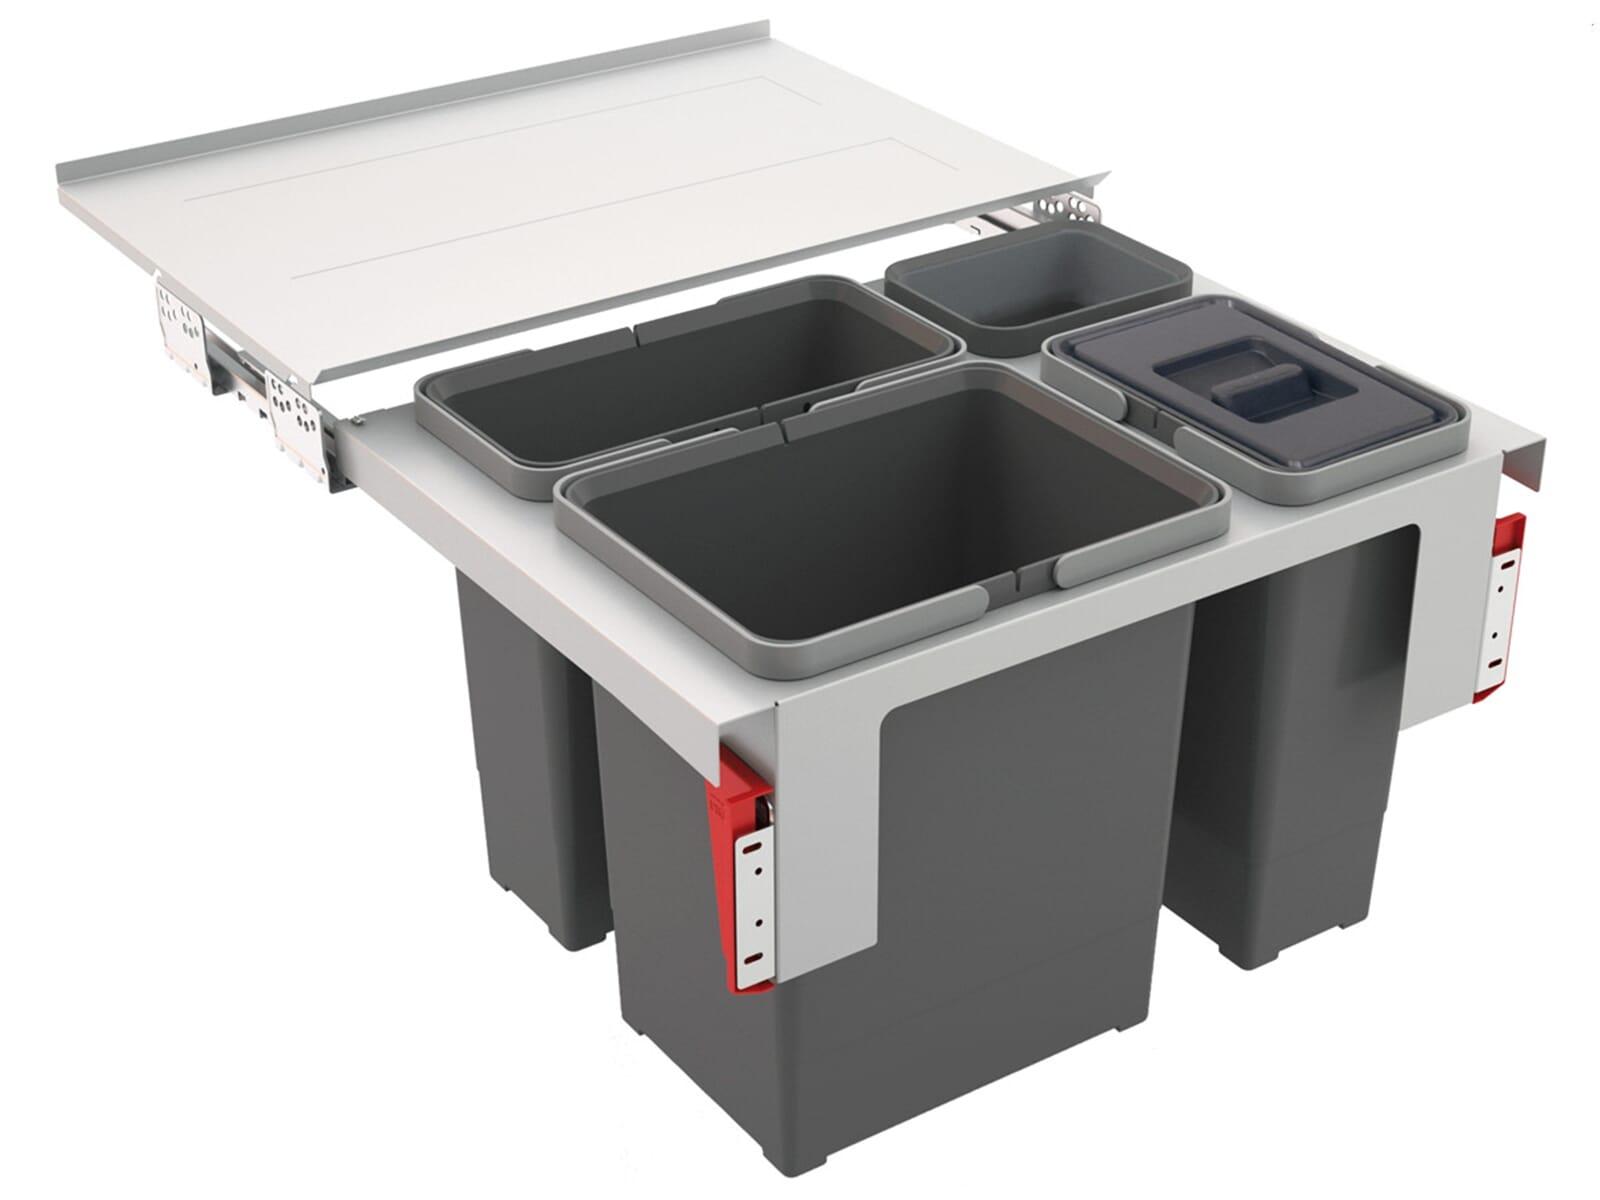 Produktabbildung Franke Sorter Garbo 60-3 - 121.0200.680 Einbau Abfallsammler